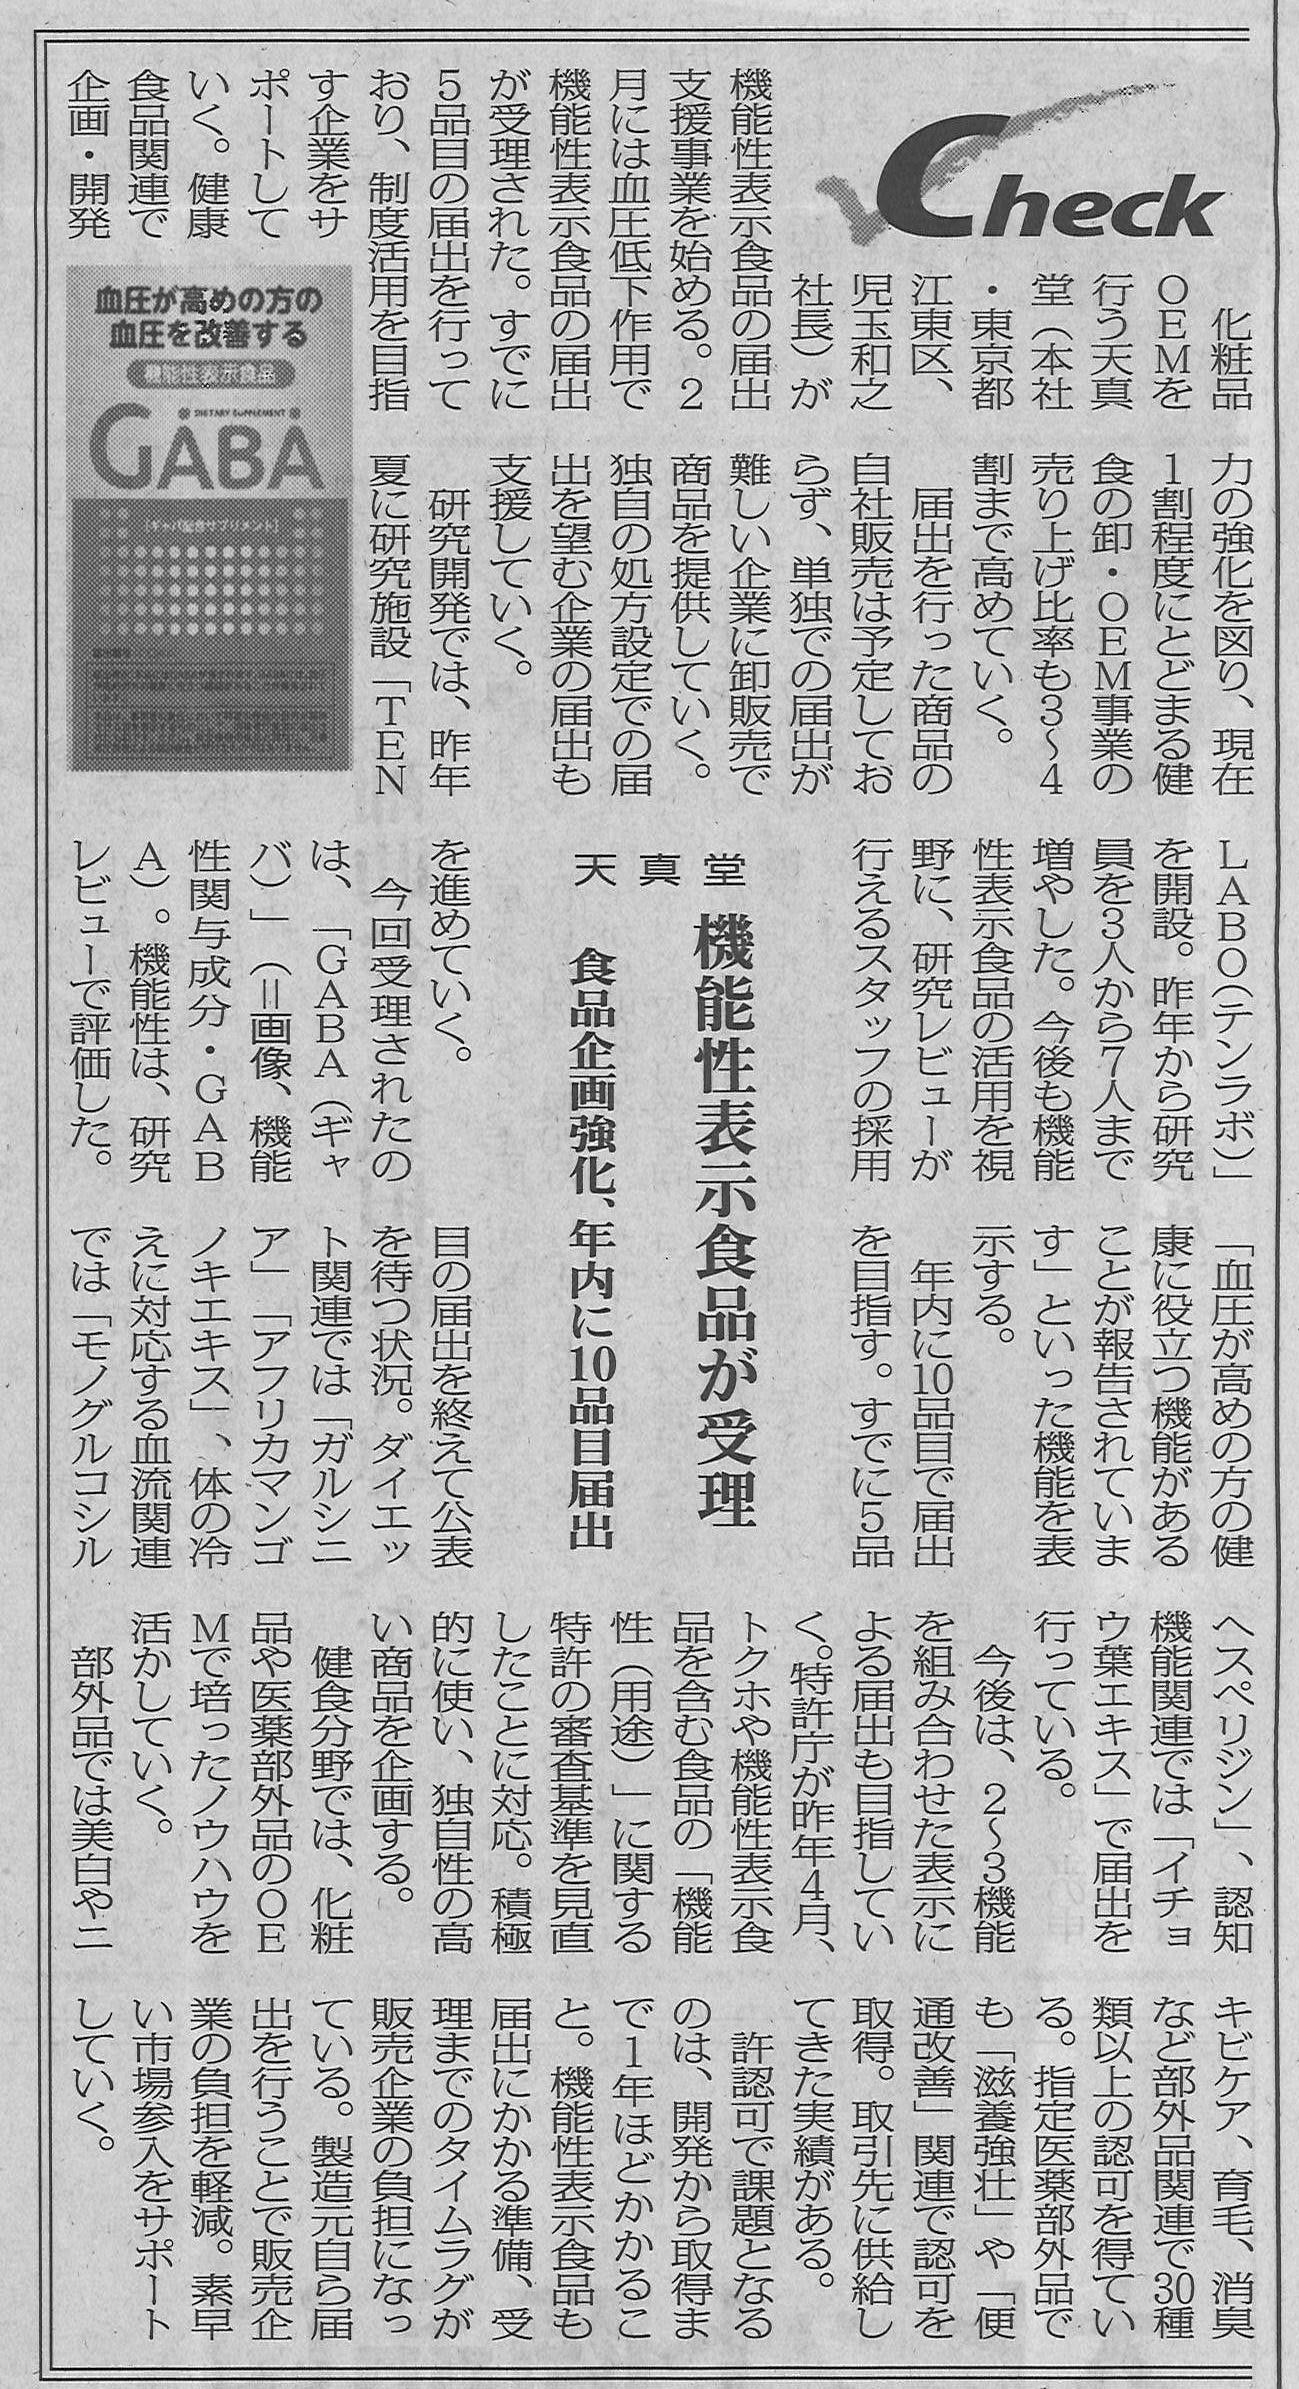 2017年2月23日通販新聞__抜粋